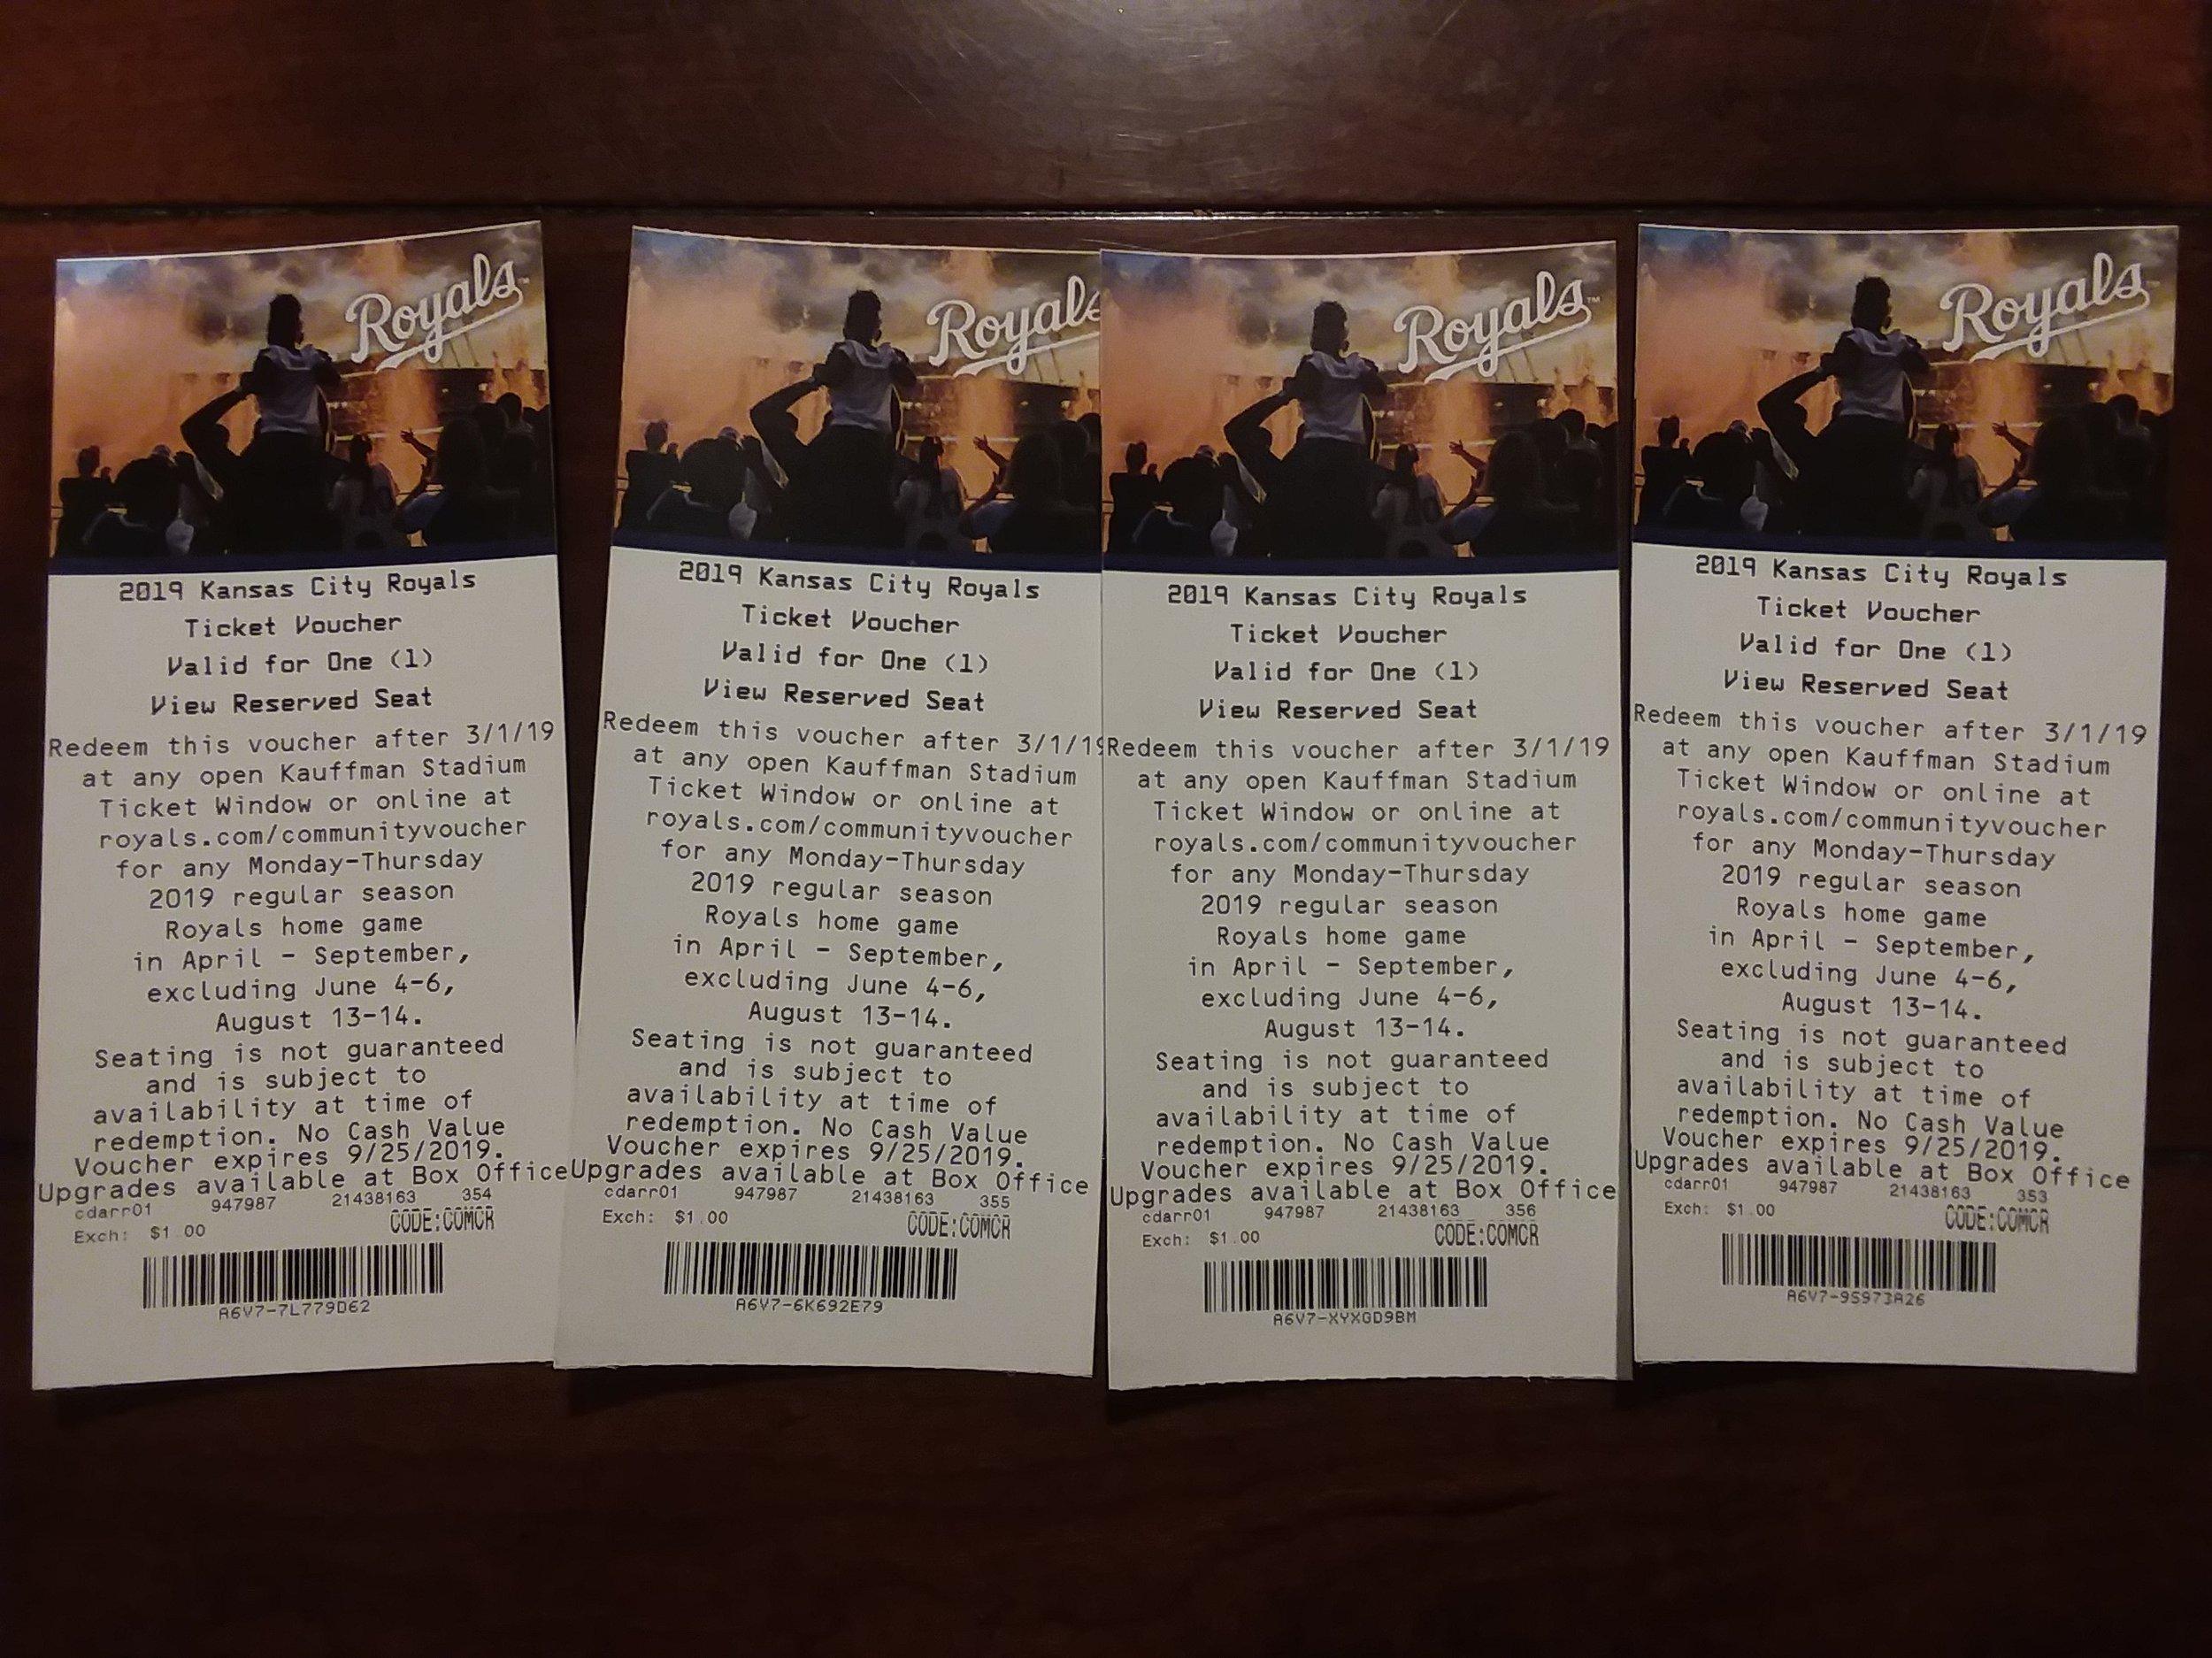 4 KC Royals tickets -